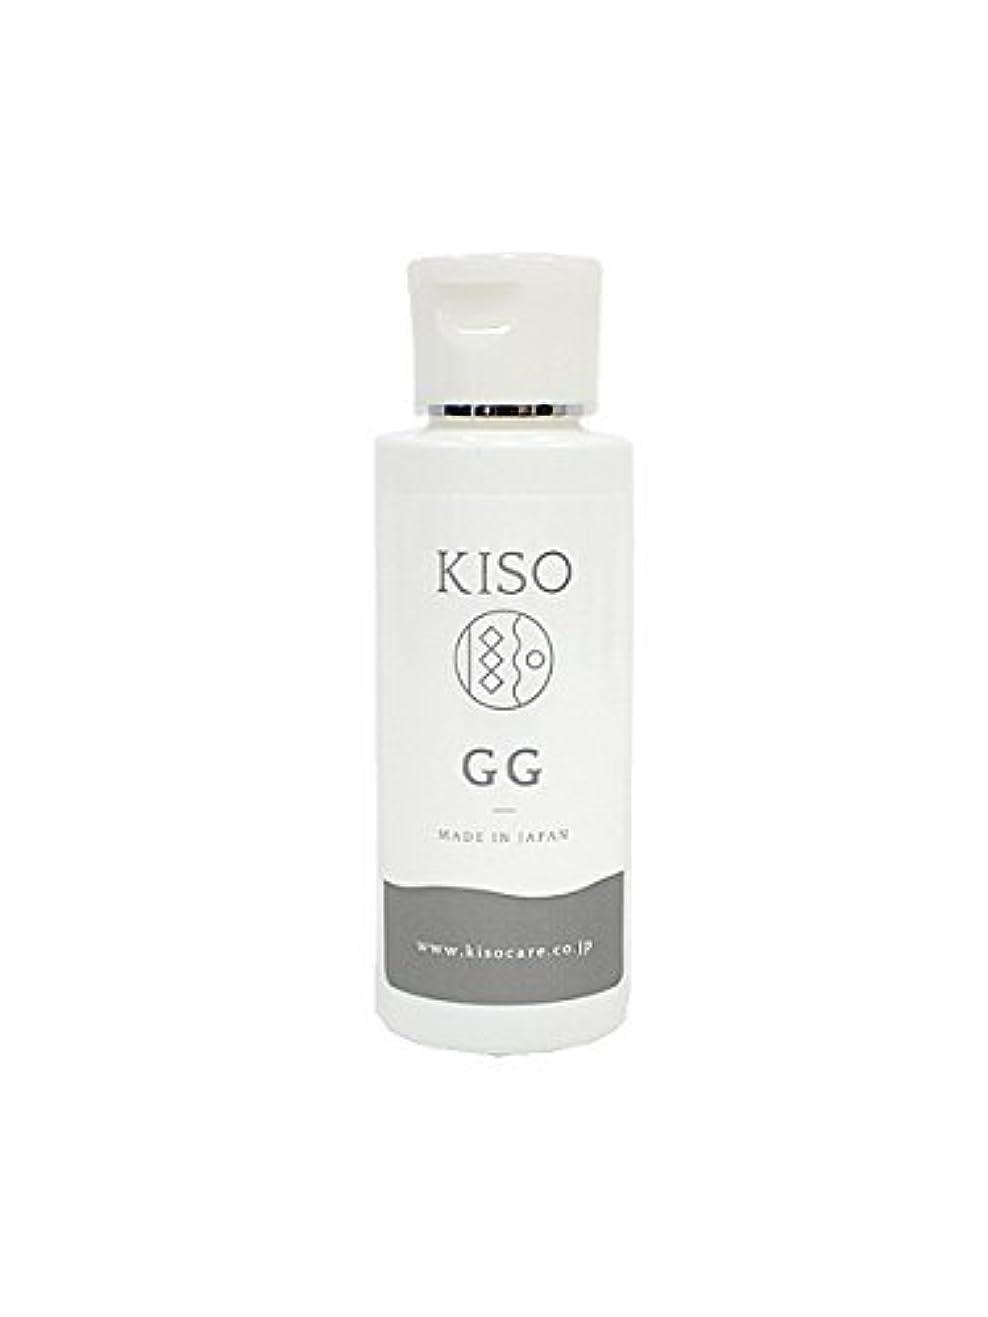 路面電車チャンバー知るKISO グリシルグリシン5% 高配合美容水 【GGエッセンス 50mL】 肌のキメを整える?肌をひきしめる